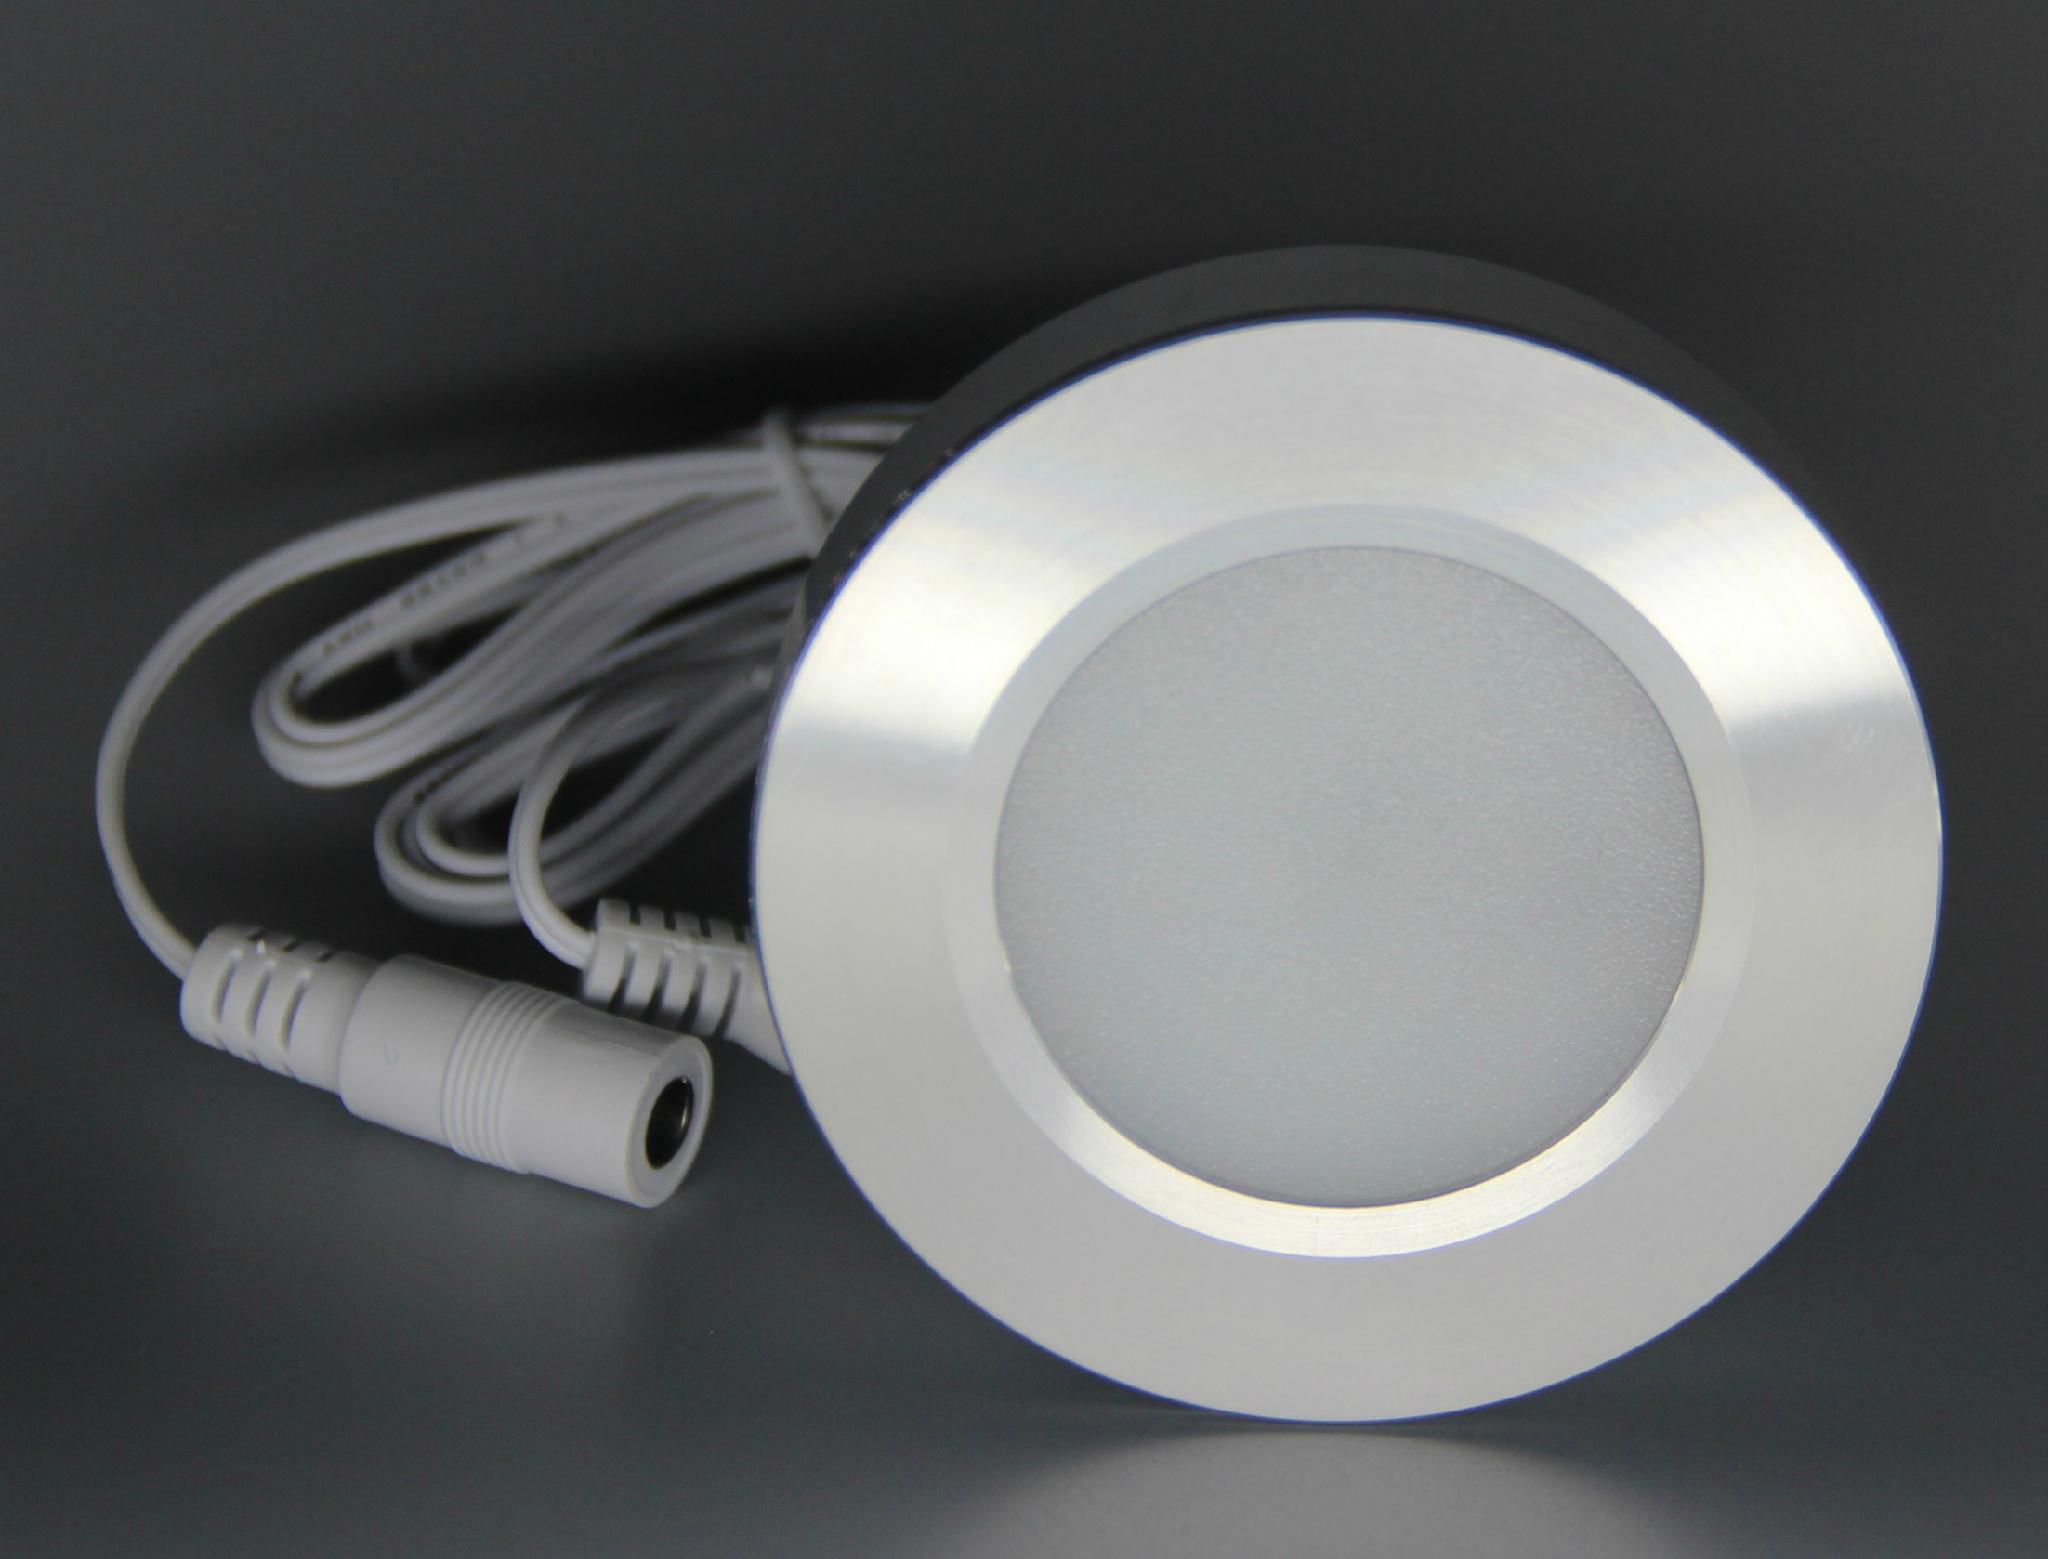 LED 橱柜灯 4